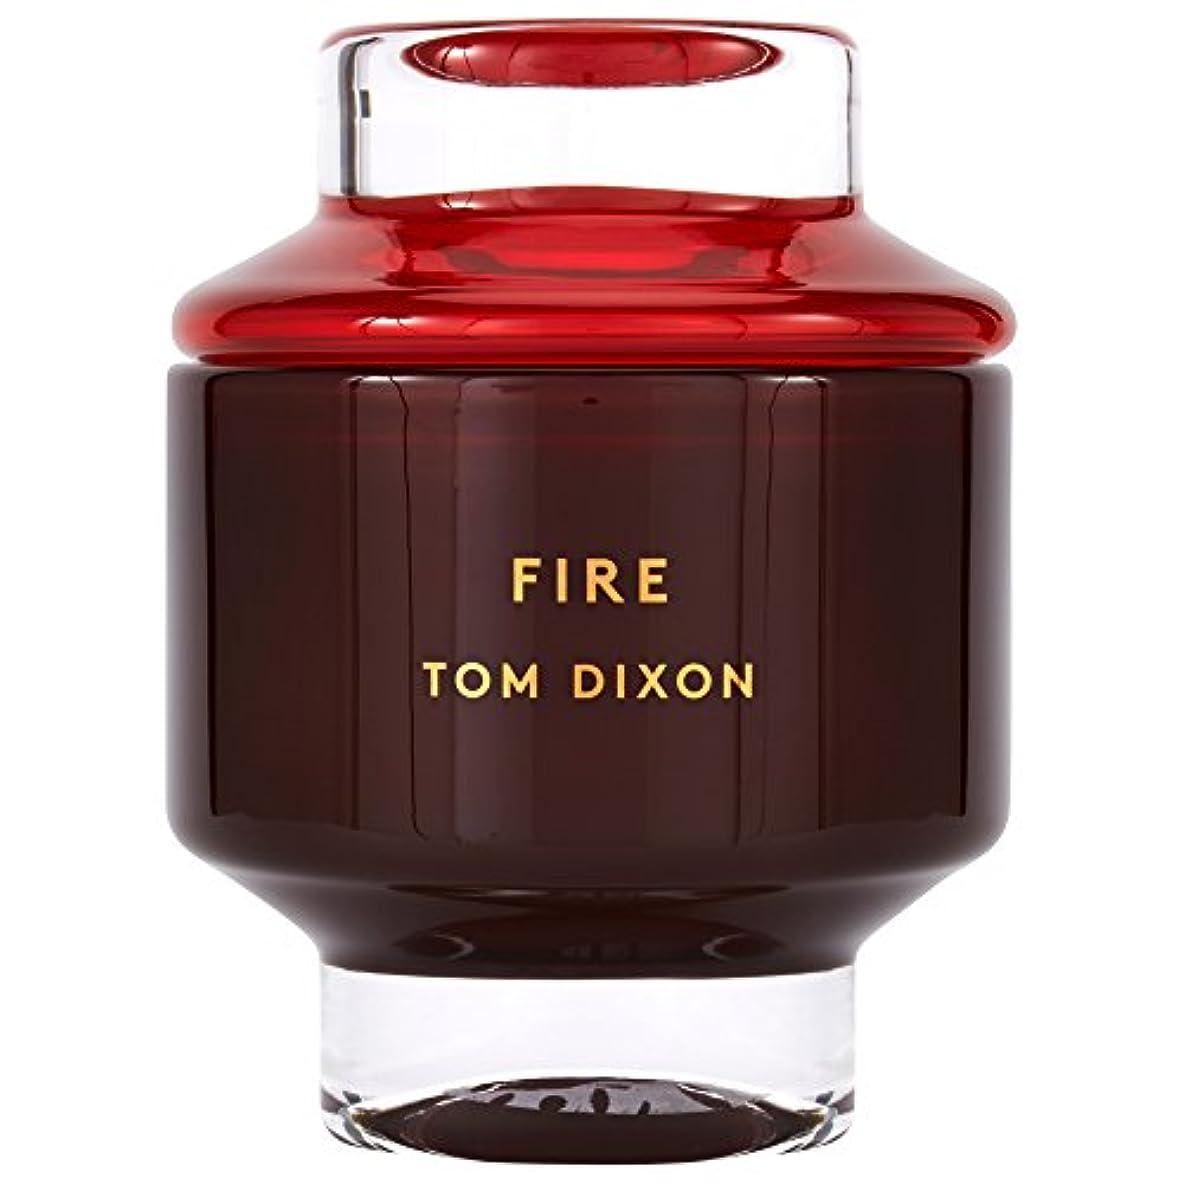 実験室クラスタービントム?ディクソン火災大型香りのキャンドル x6 - Tom Dixon Fire Scented Candle Large (Pack of 6) [並行輸入品]